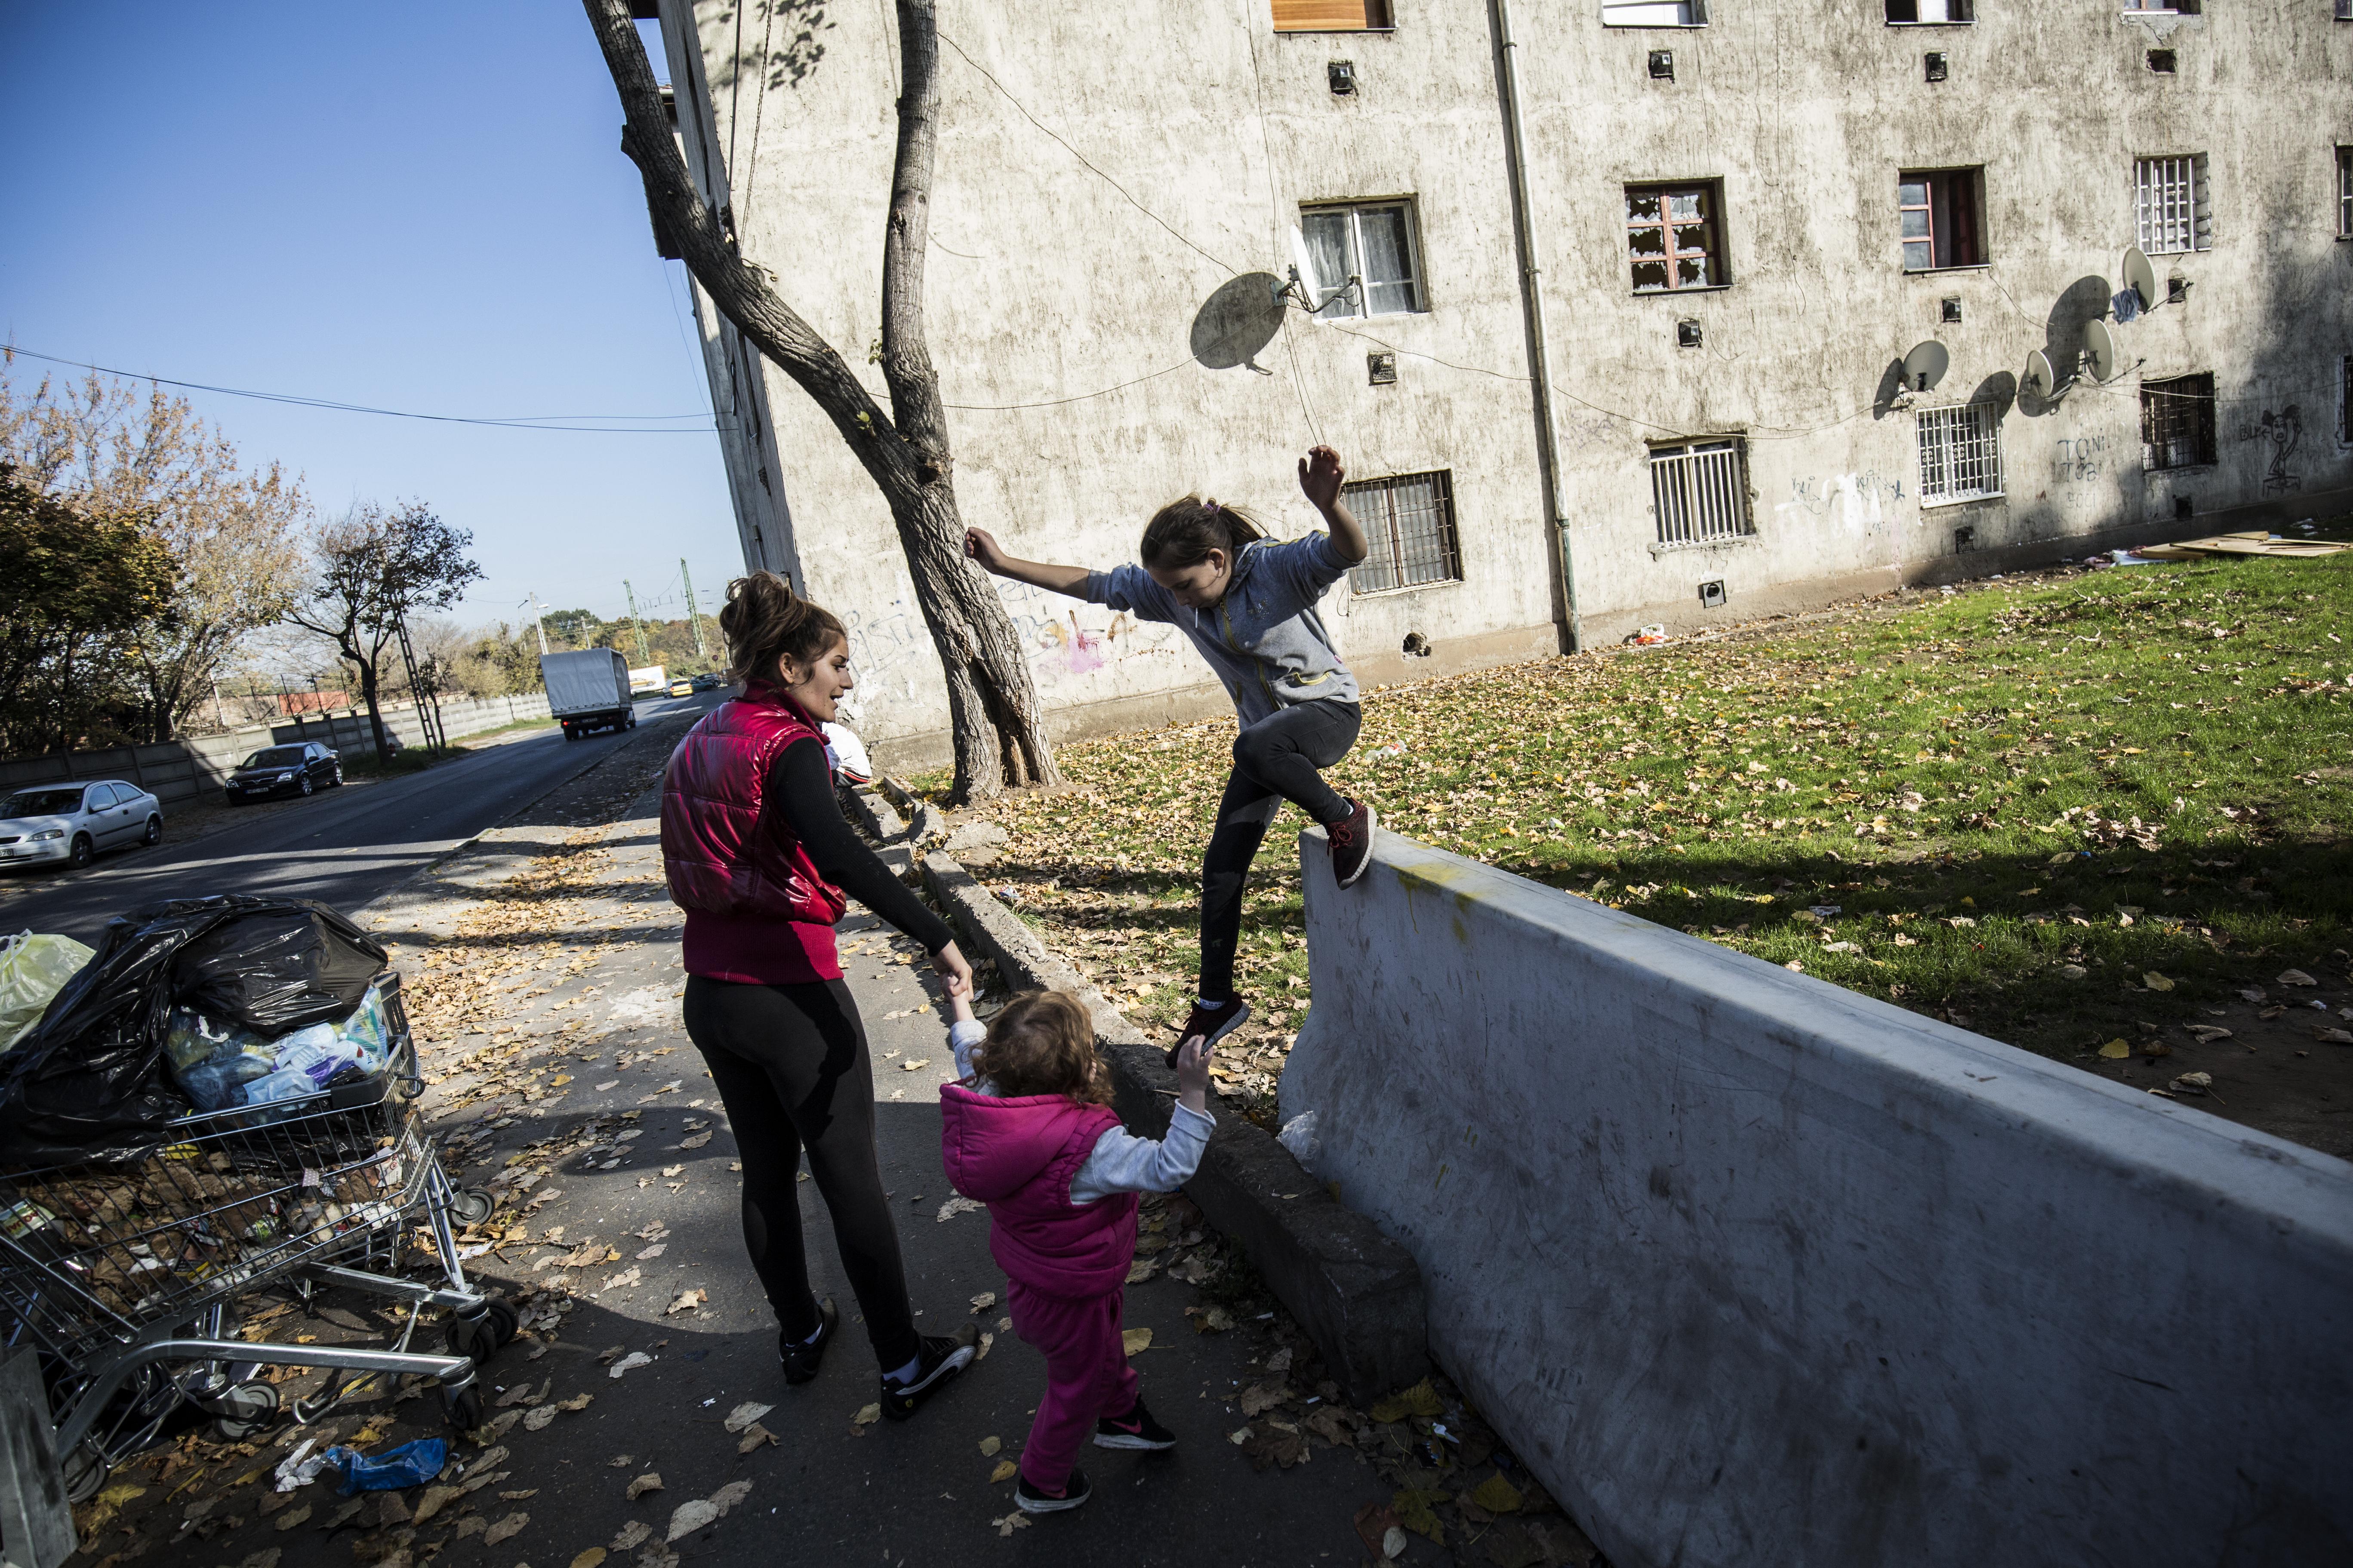 Kétmilliárdot ad a kormány a Hős utcai nyomortelep rendbetételére